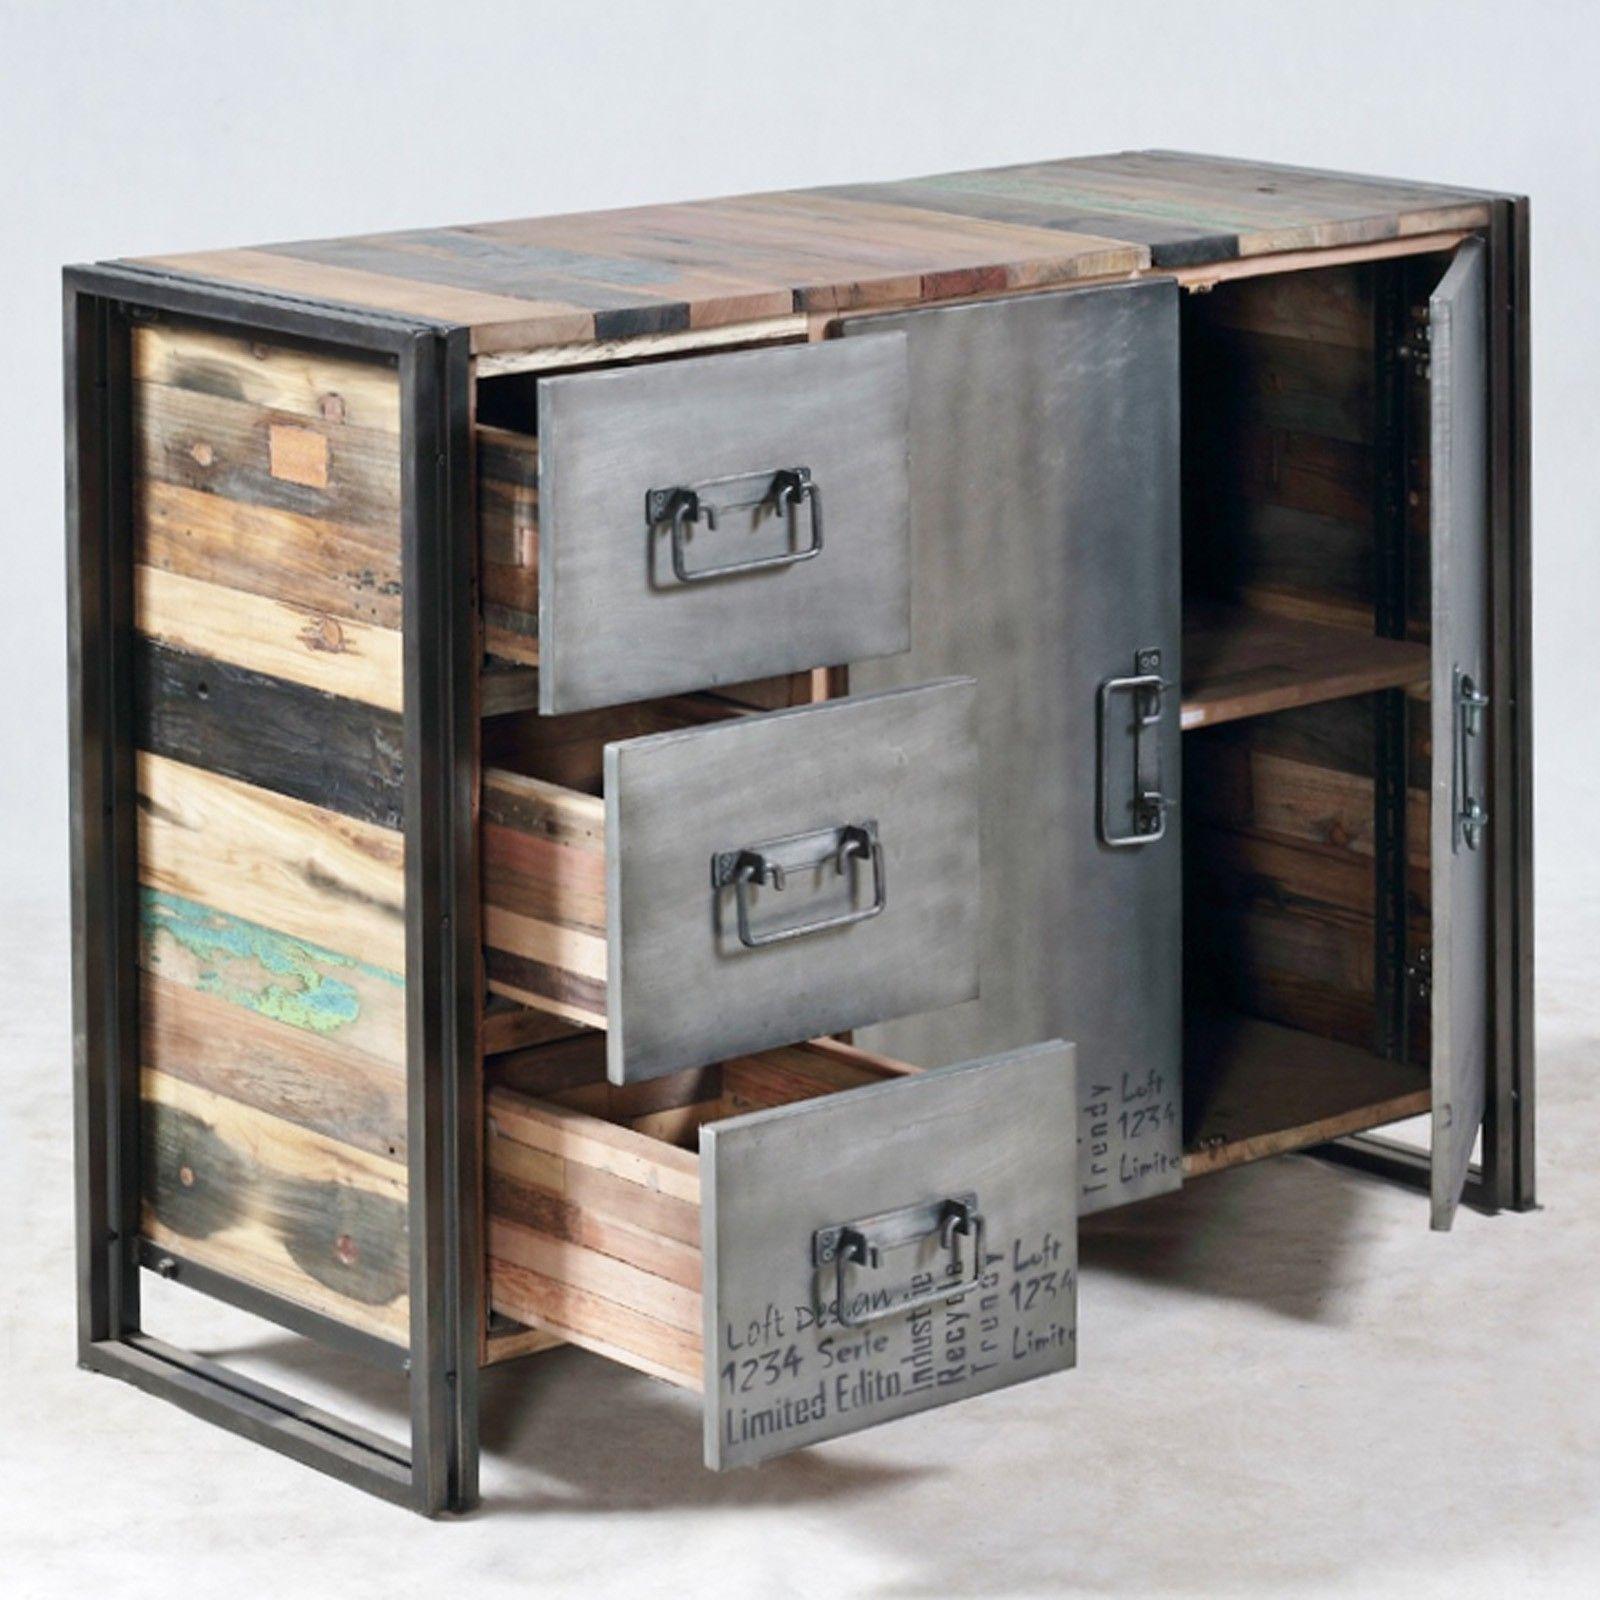 Meubles Loft Industriels Buffet 2 Portes 3 Tiroirs Edition  # Meuble Industriel Bois Bateau